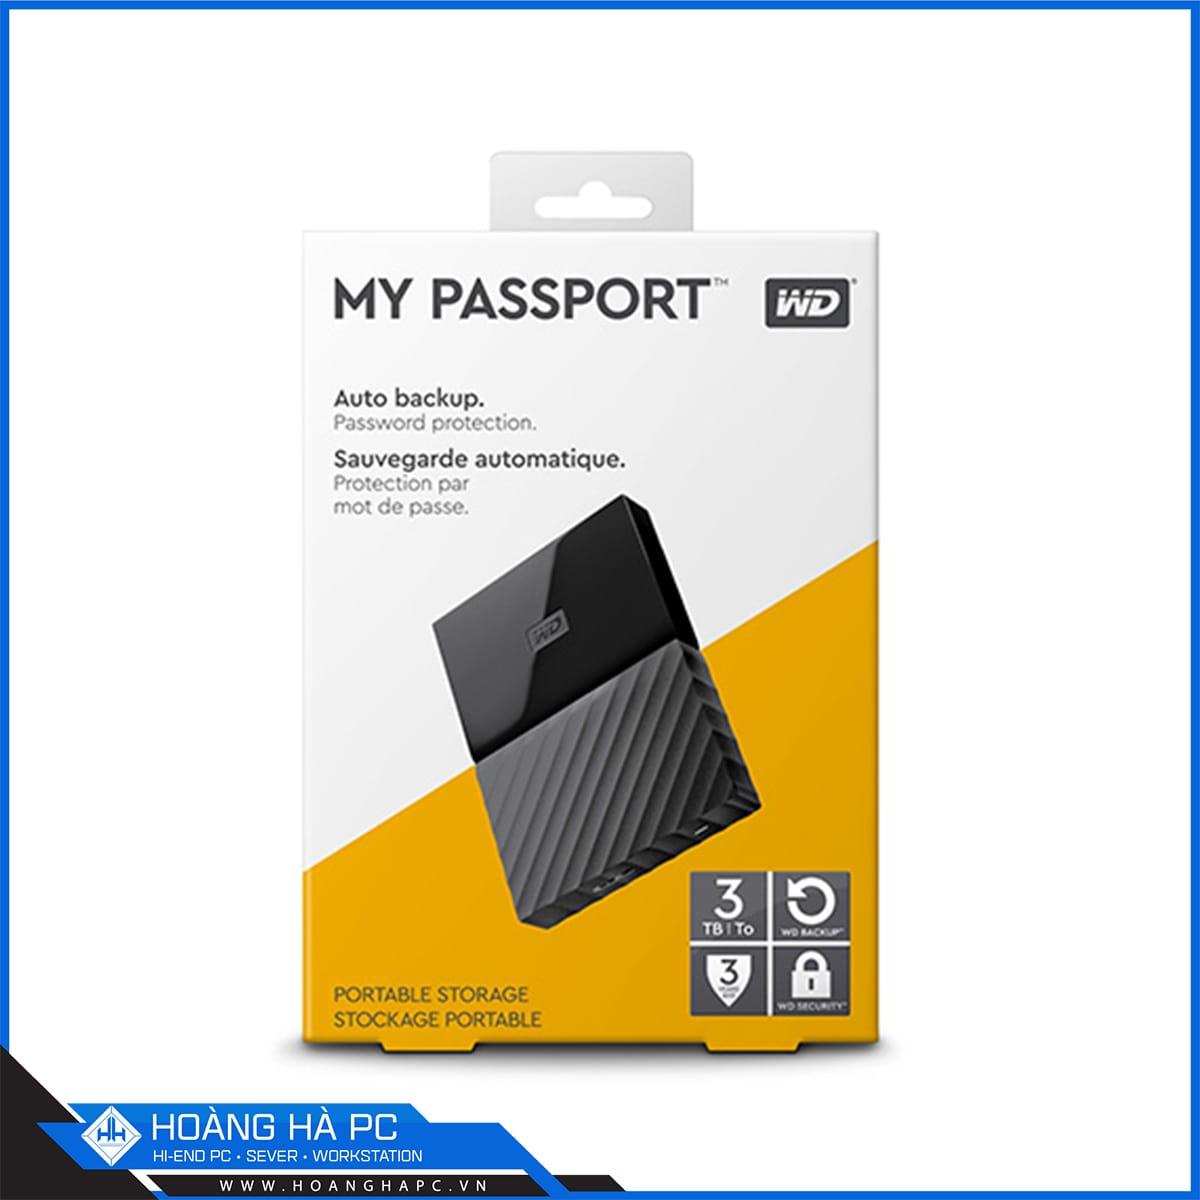 Ổ cứng di động WD My Passport 3TB